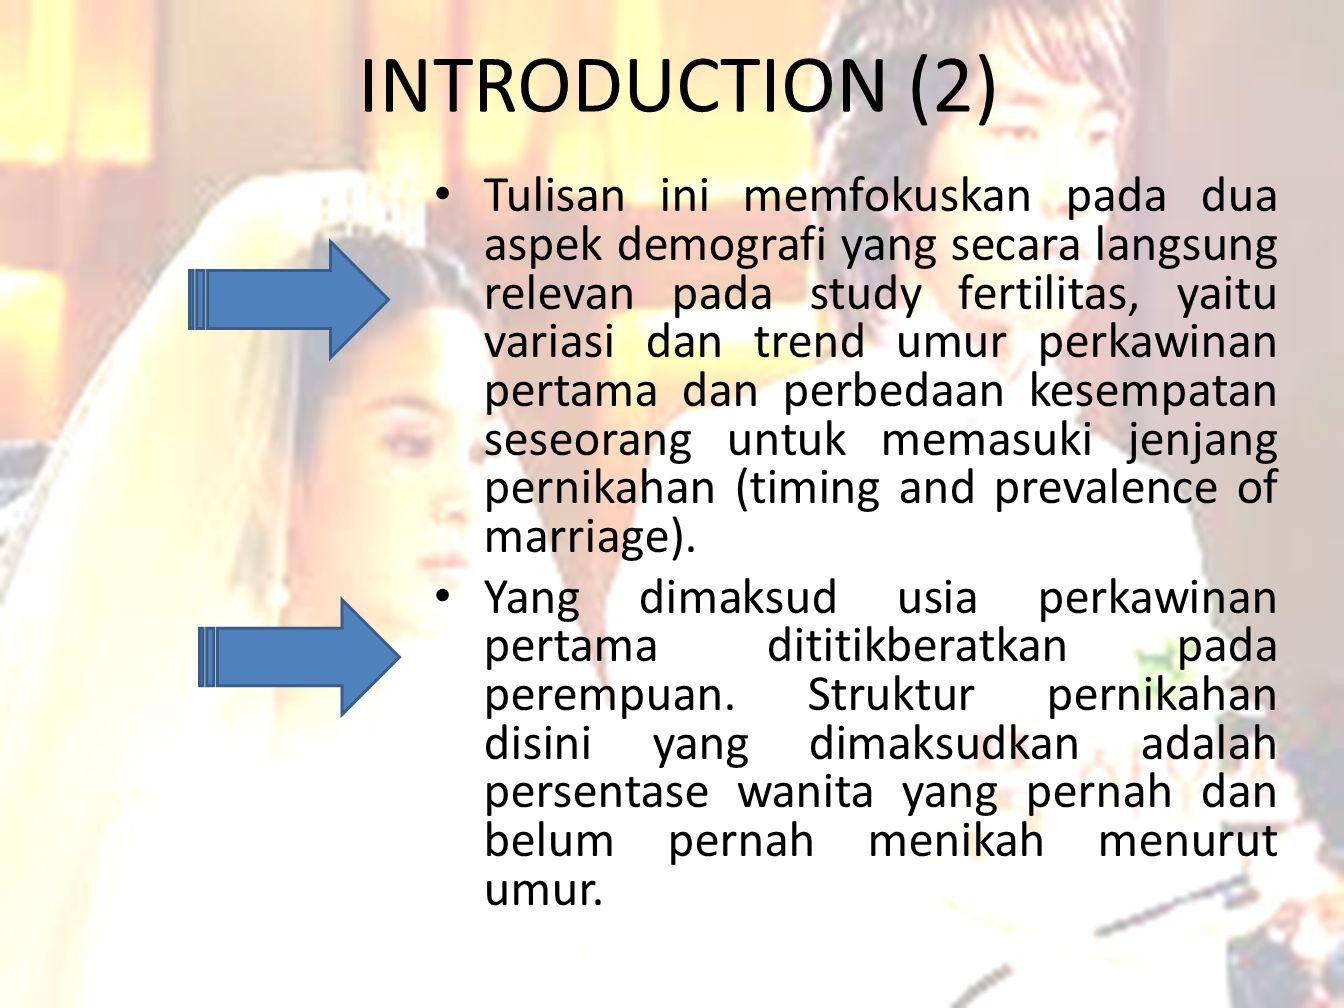 INTRODUCTION (2) • Tulisan ini memfokuskan pada dua aspek demografi yang secara langsung relevan pada study fertilitas, yaitu variasi dan trend umur p